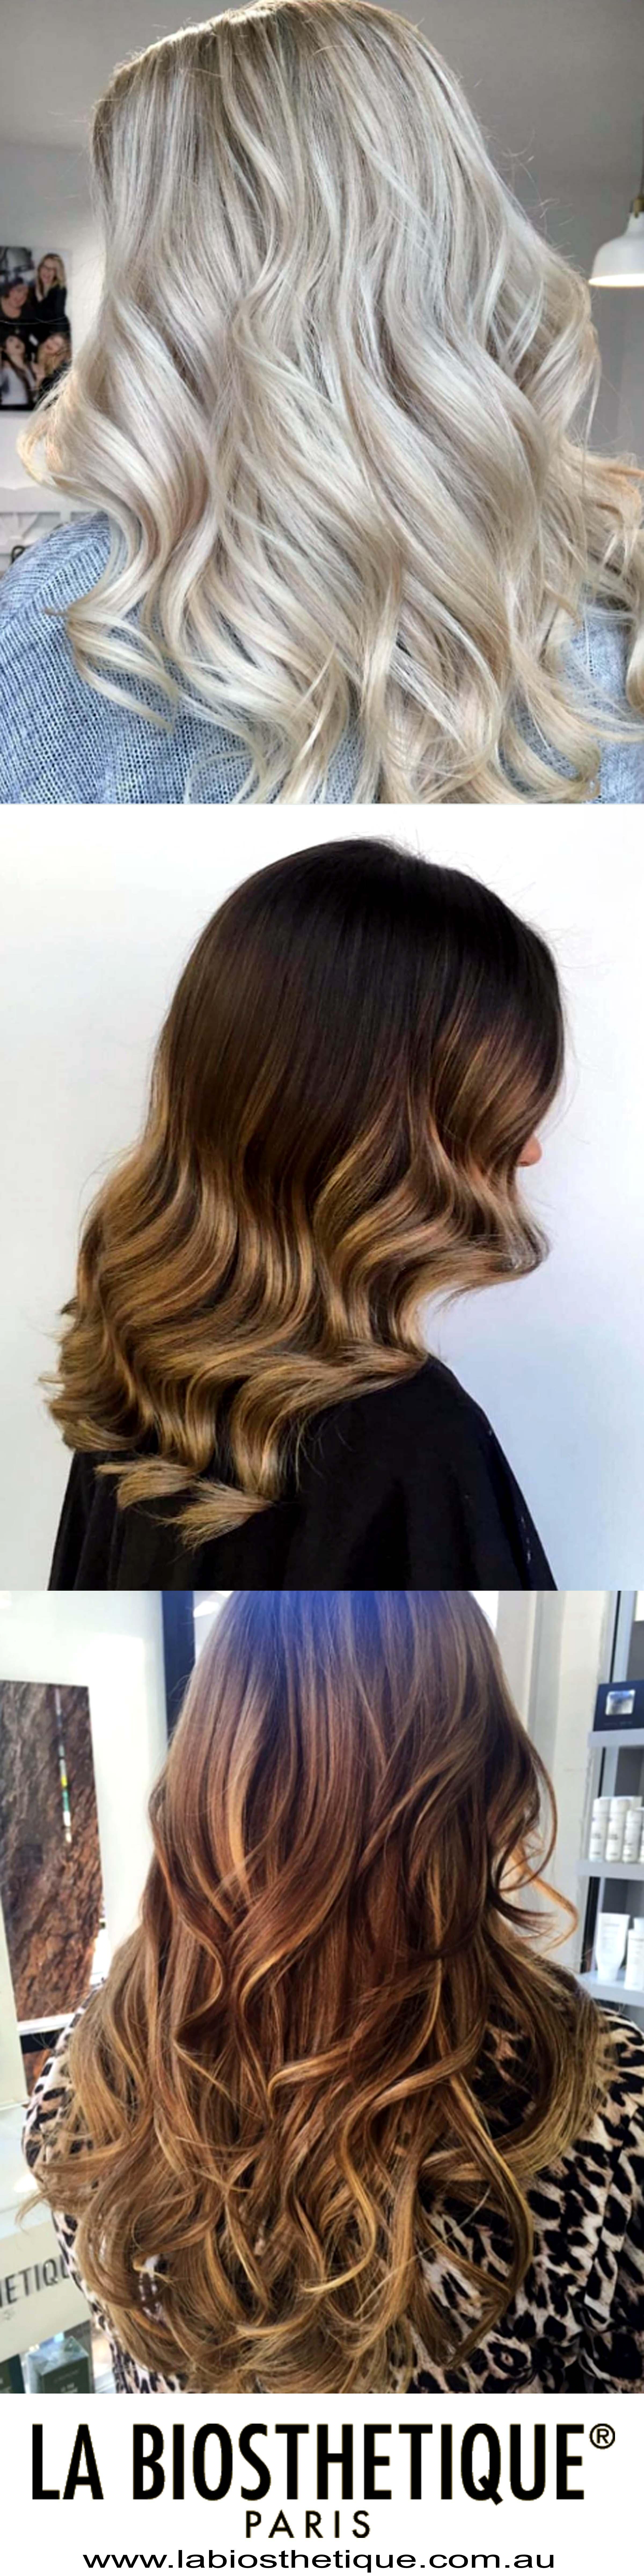 Waves hairstyles hair styles short hairstyles cute girls